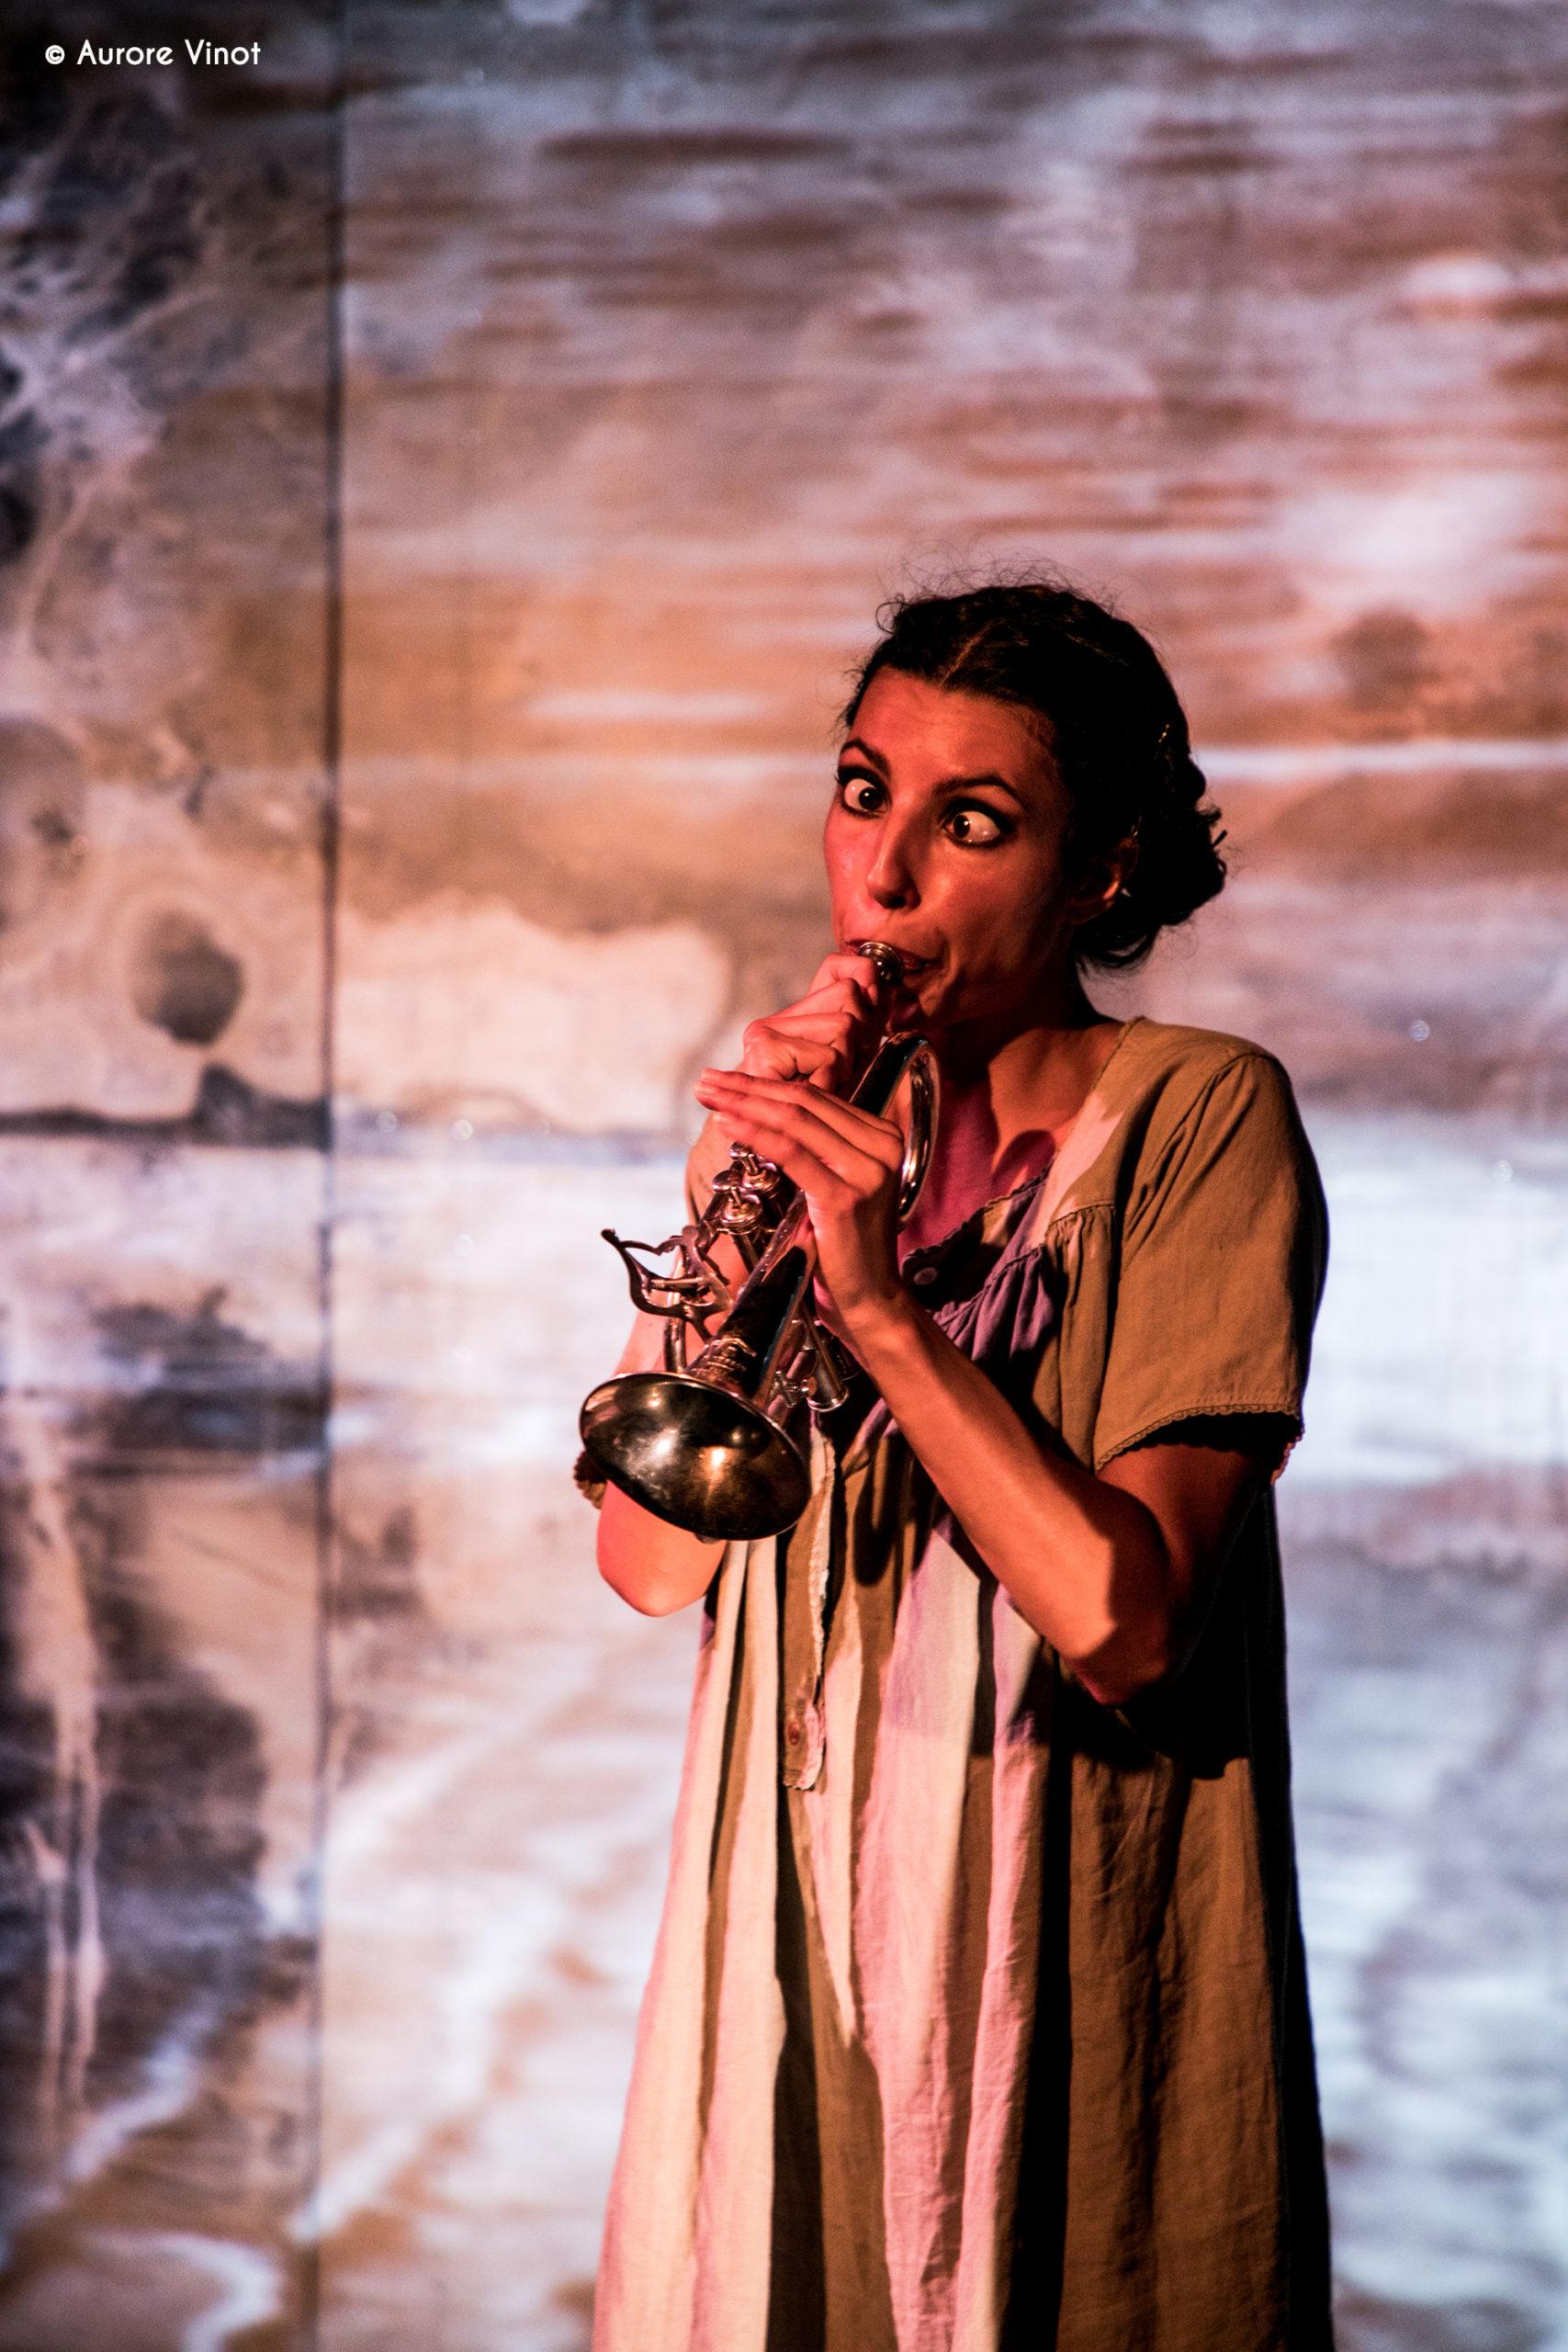 Joséphine Baker interprété par Clarisse Caplan au Théâtre de la Scène Parisienne mise en scène Xavier Durringer